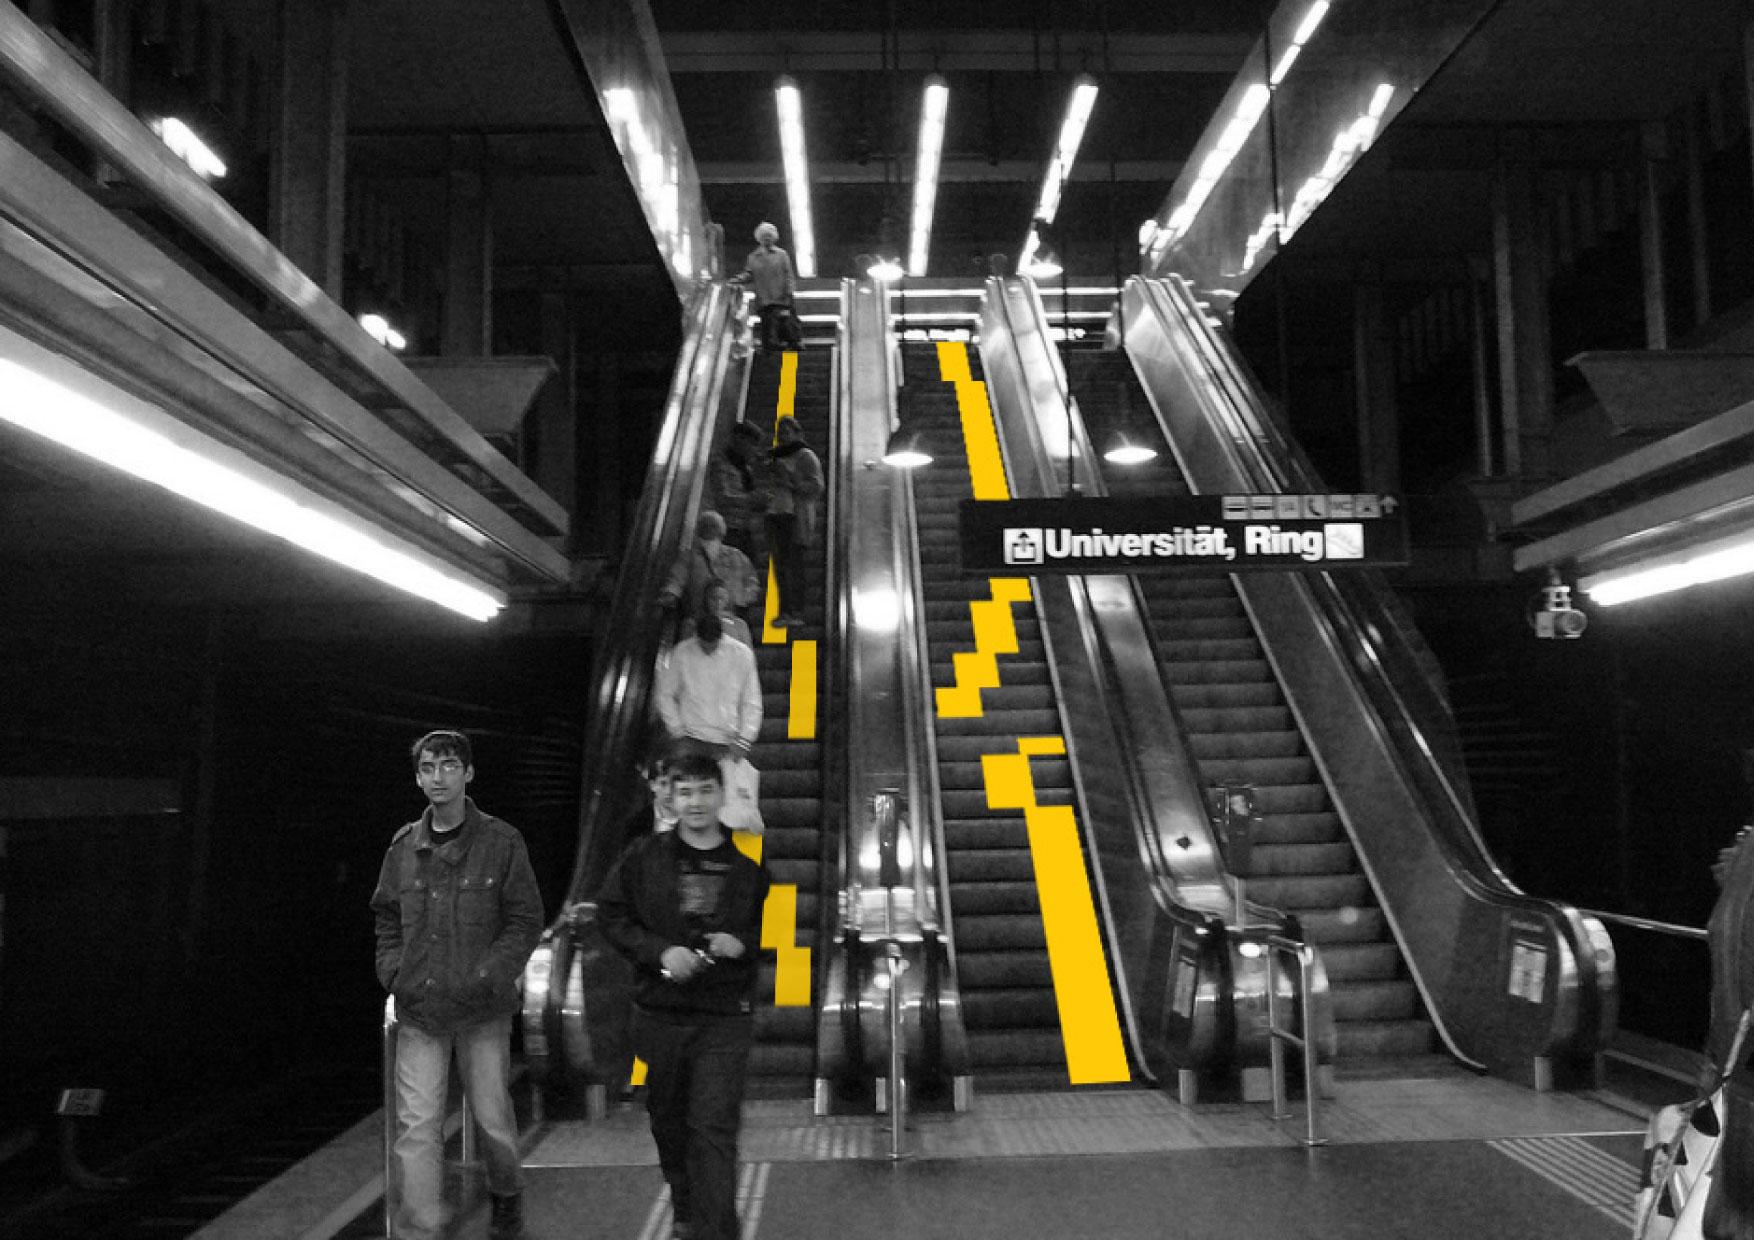 gerrit_schweiger-Nice_to_have-Must_have-unreachable-Accessoire-Accessory-Designprozess-Design_Thinking-Social_Design-Ausstellung-CAD-Raum-Illustration-Skulptur-Plakat-Marke--Typographie-Ausstellung-III_1